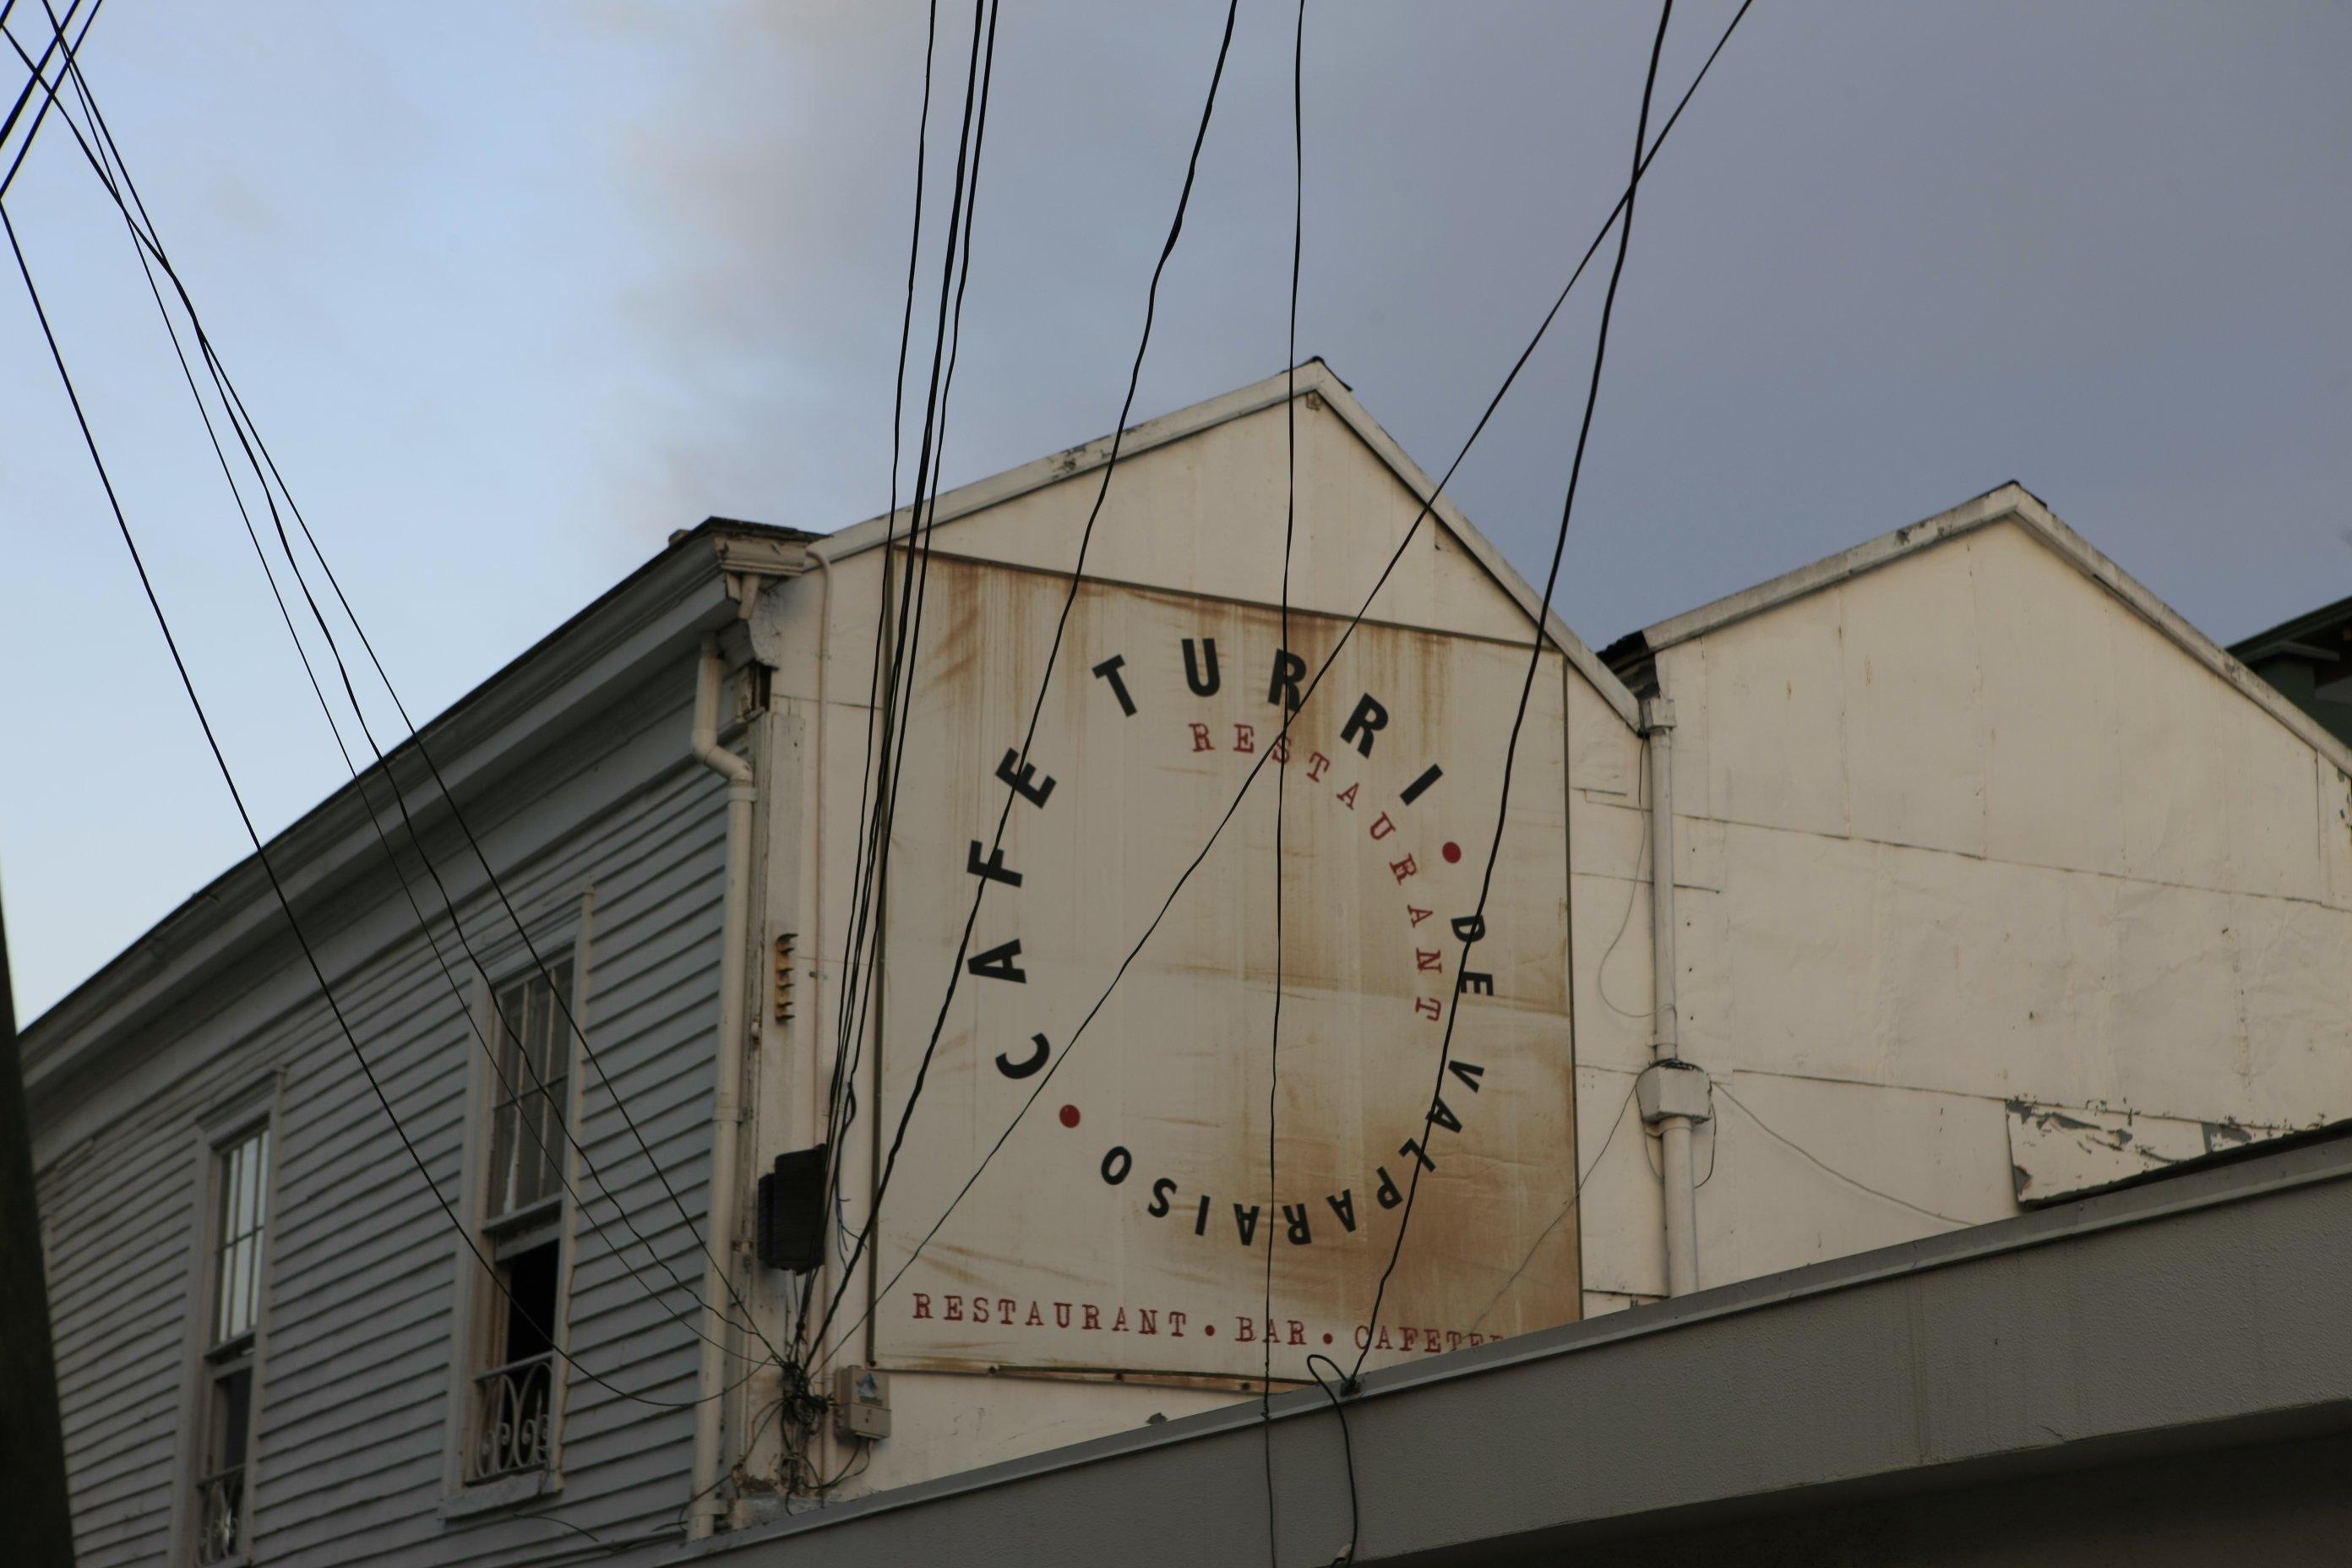 Edificio del Café Turri en Valparaíso con nombre y logo